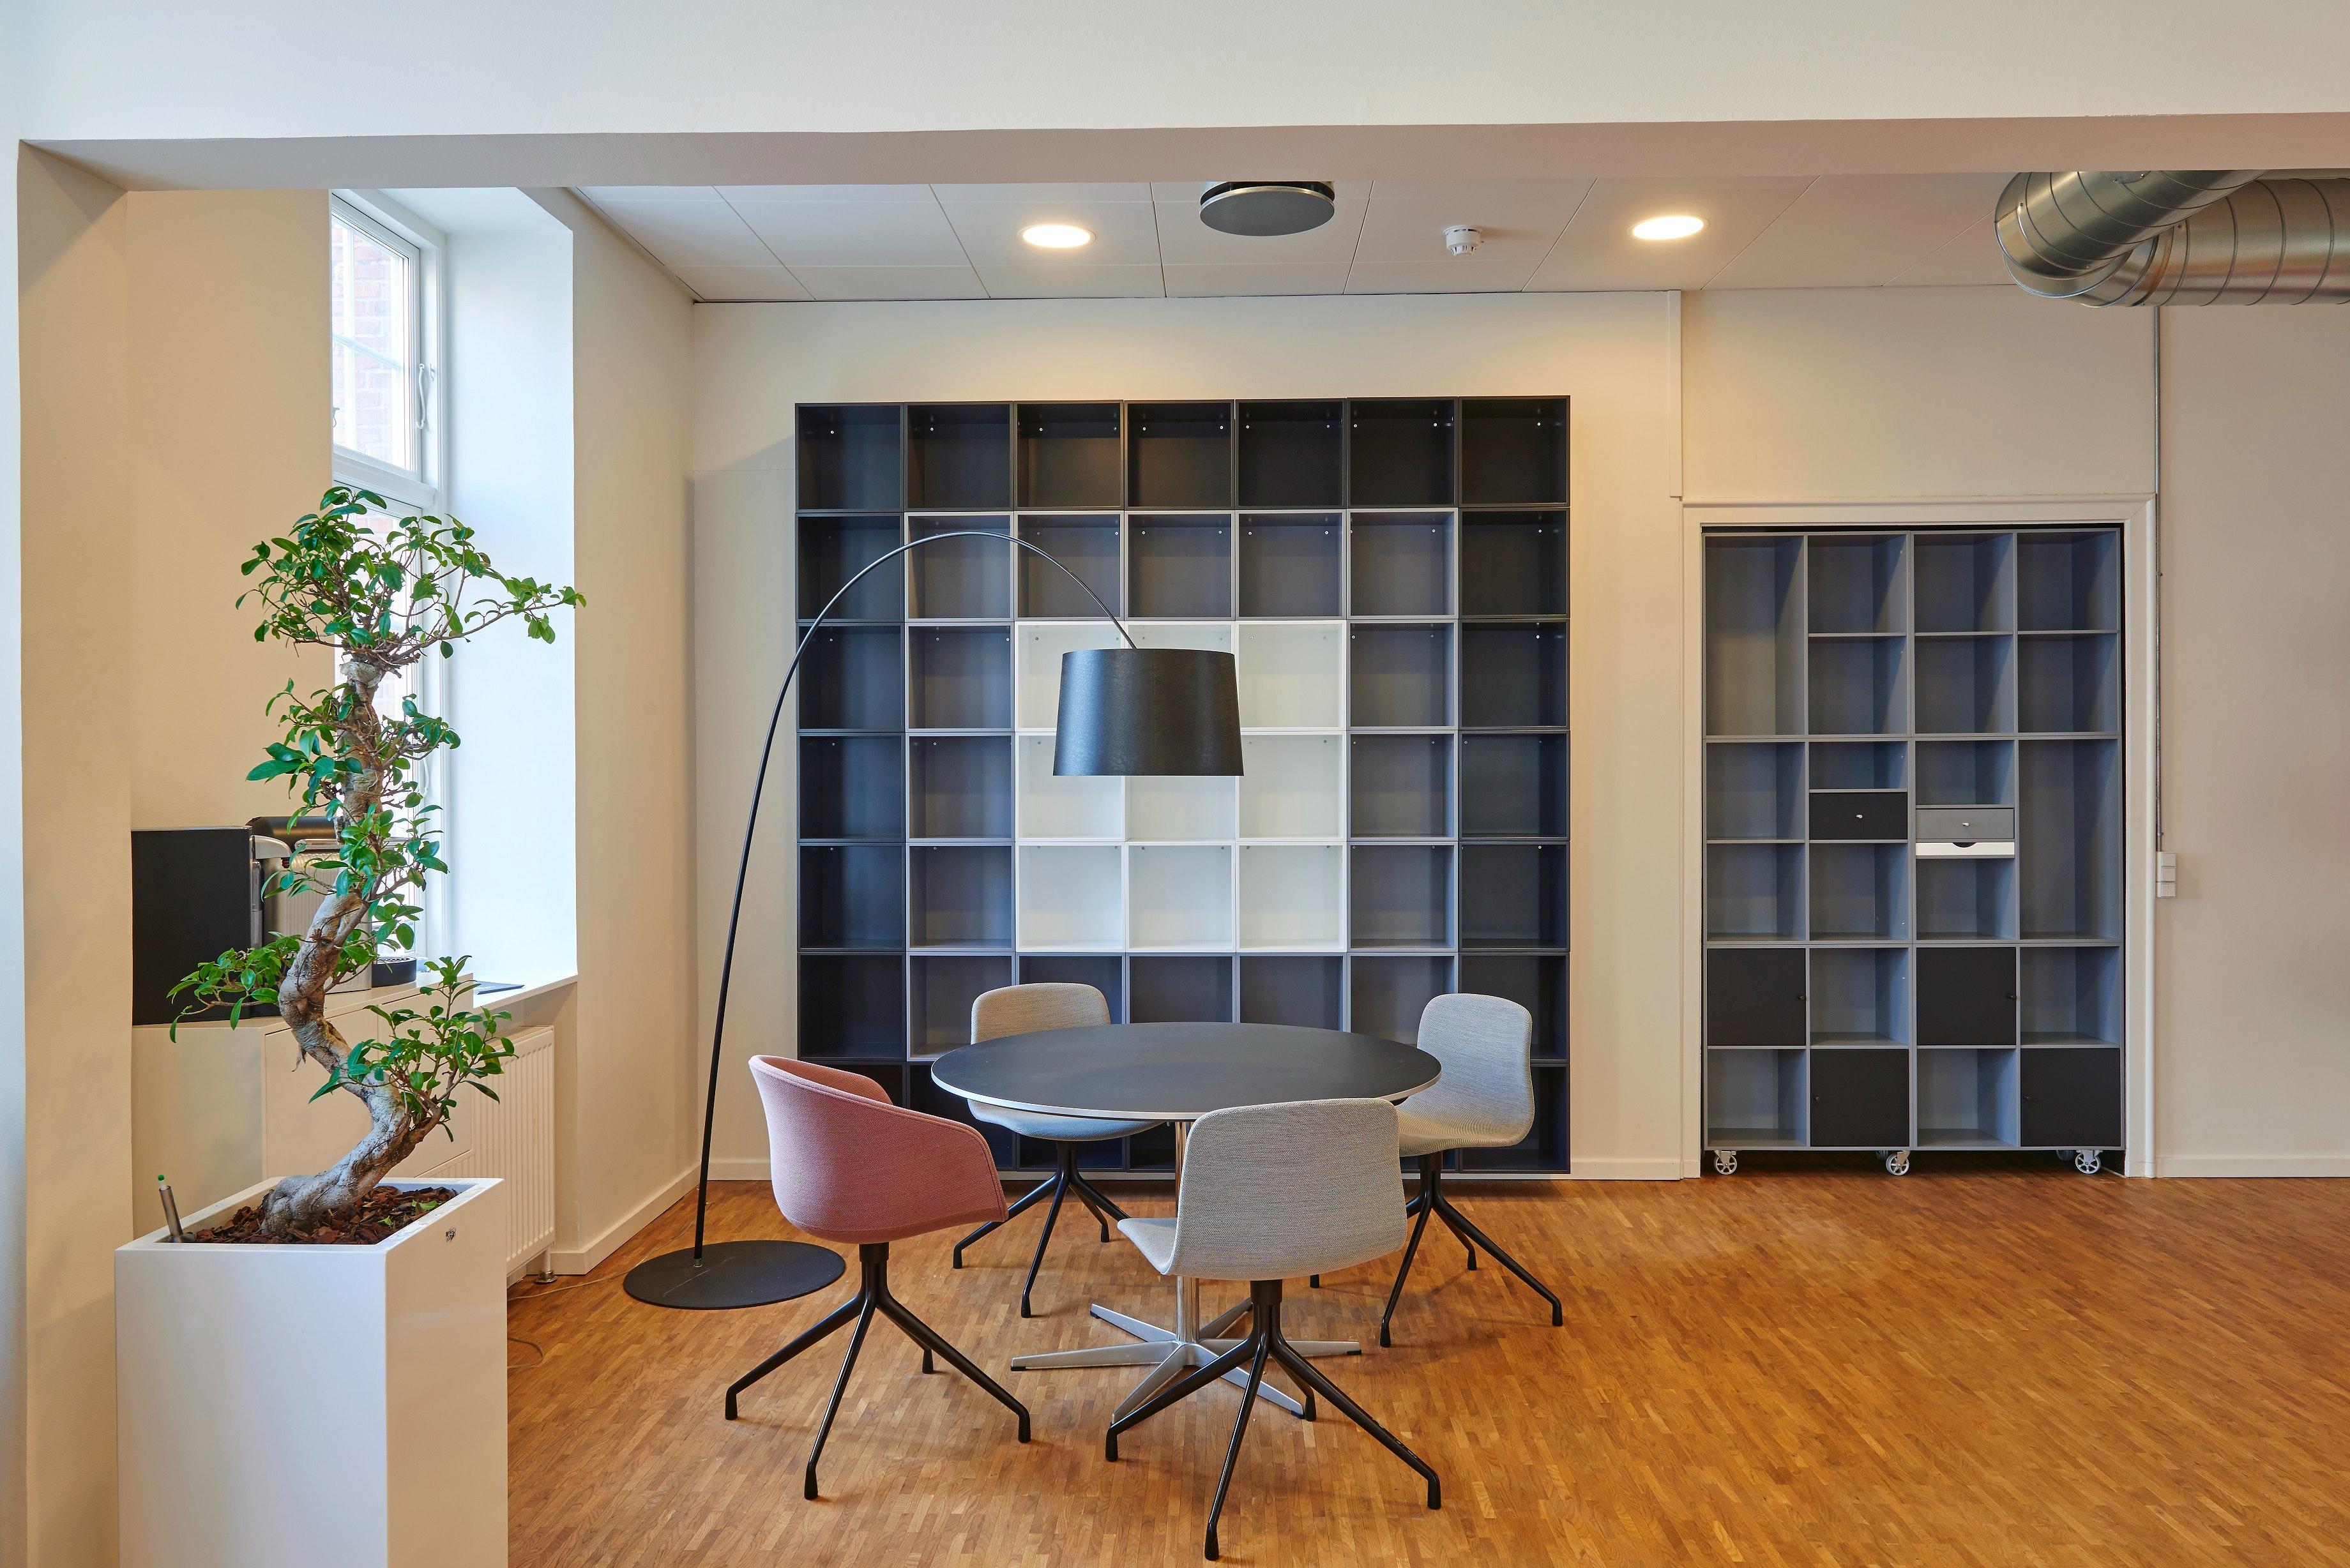 Aranżacja biura Warszawa, czyli jak stworzyć wygodne miejsce pracy w domu